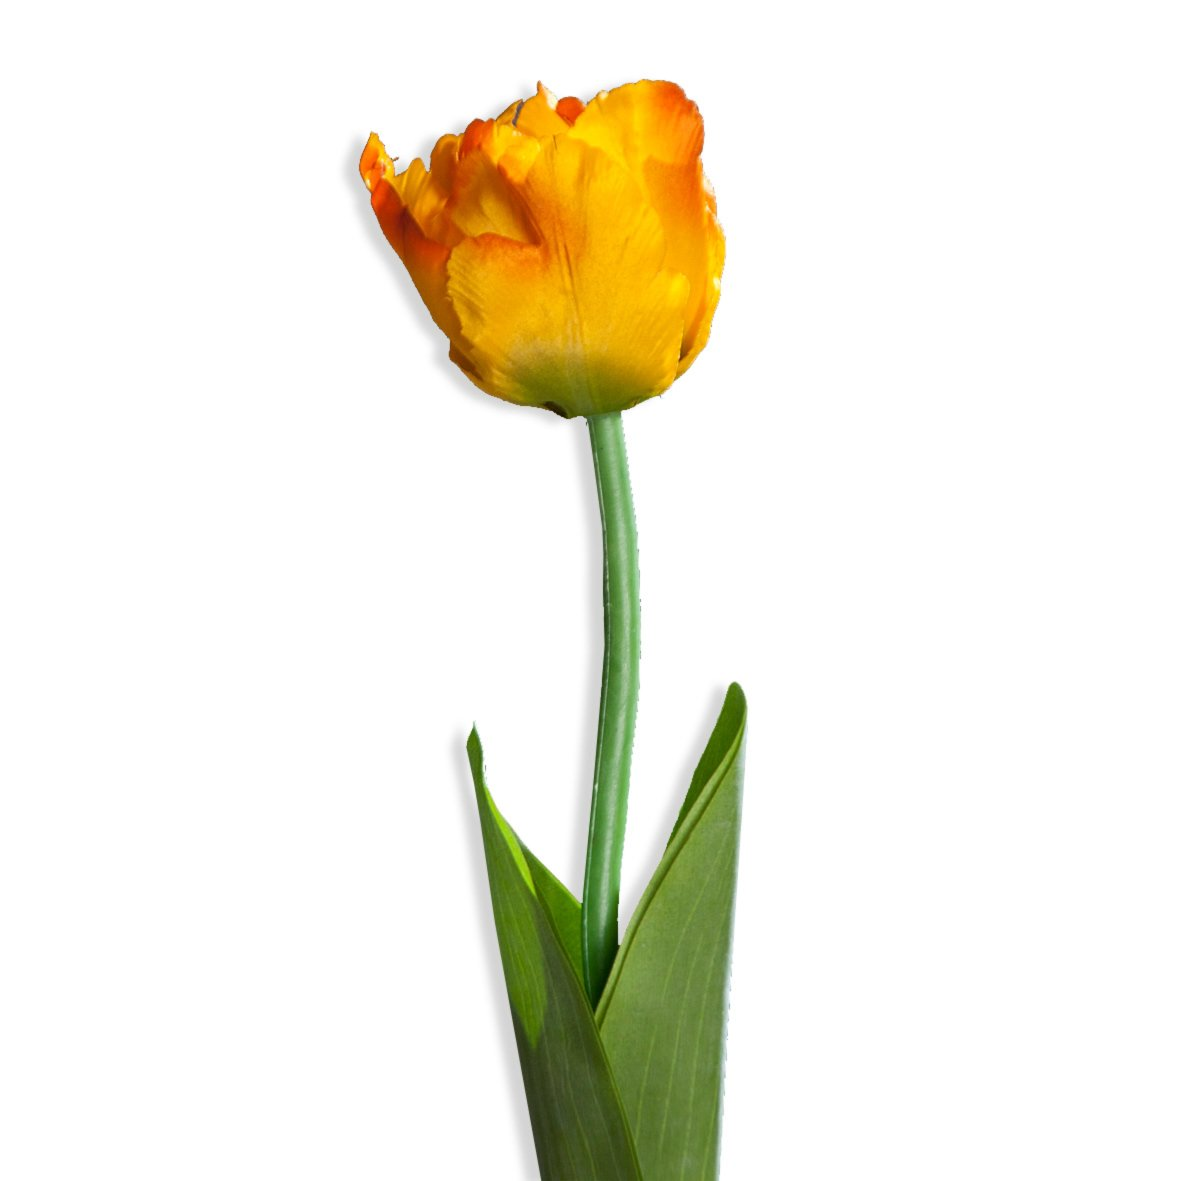 wohnzimmer deko orange:Tulpe – orange – Kunstpflanze – 64 cm